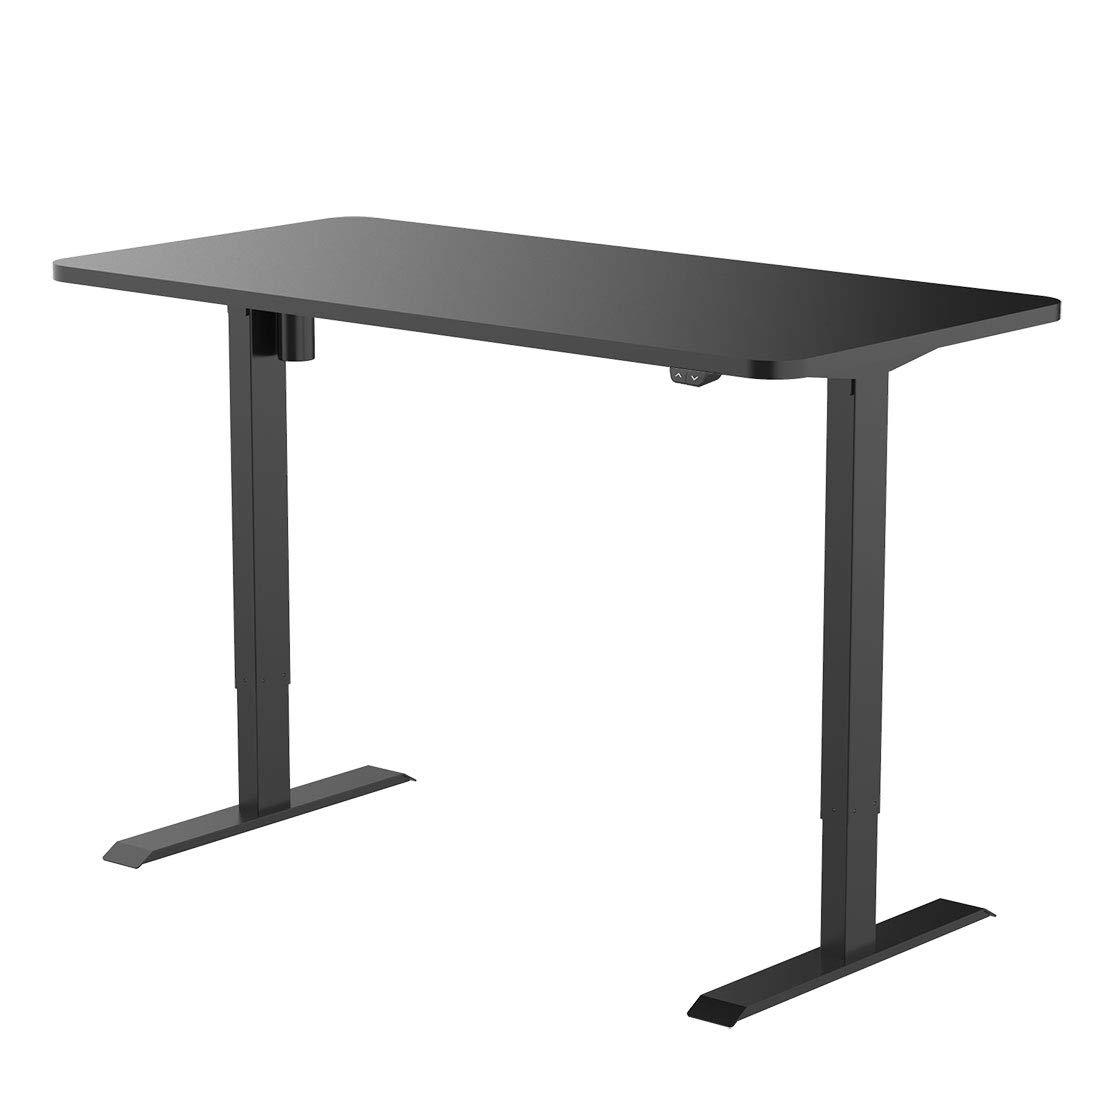 Flexispot EC1B-R4830B Height Adjustable Desk Frame Electric Sit Stand Desk Base Home Office Table Standing Desk (Black Frame + 48 in Blacktop)